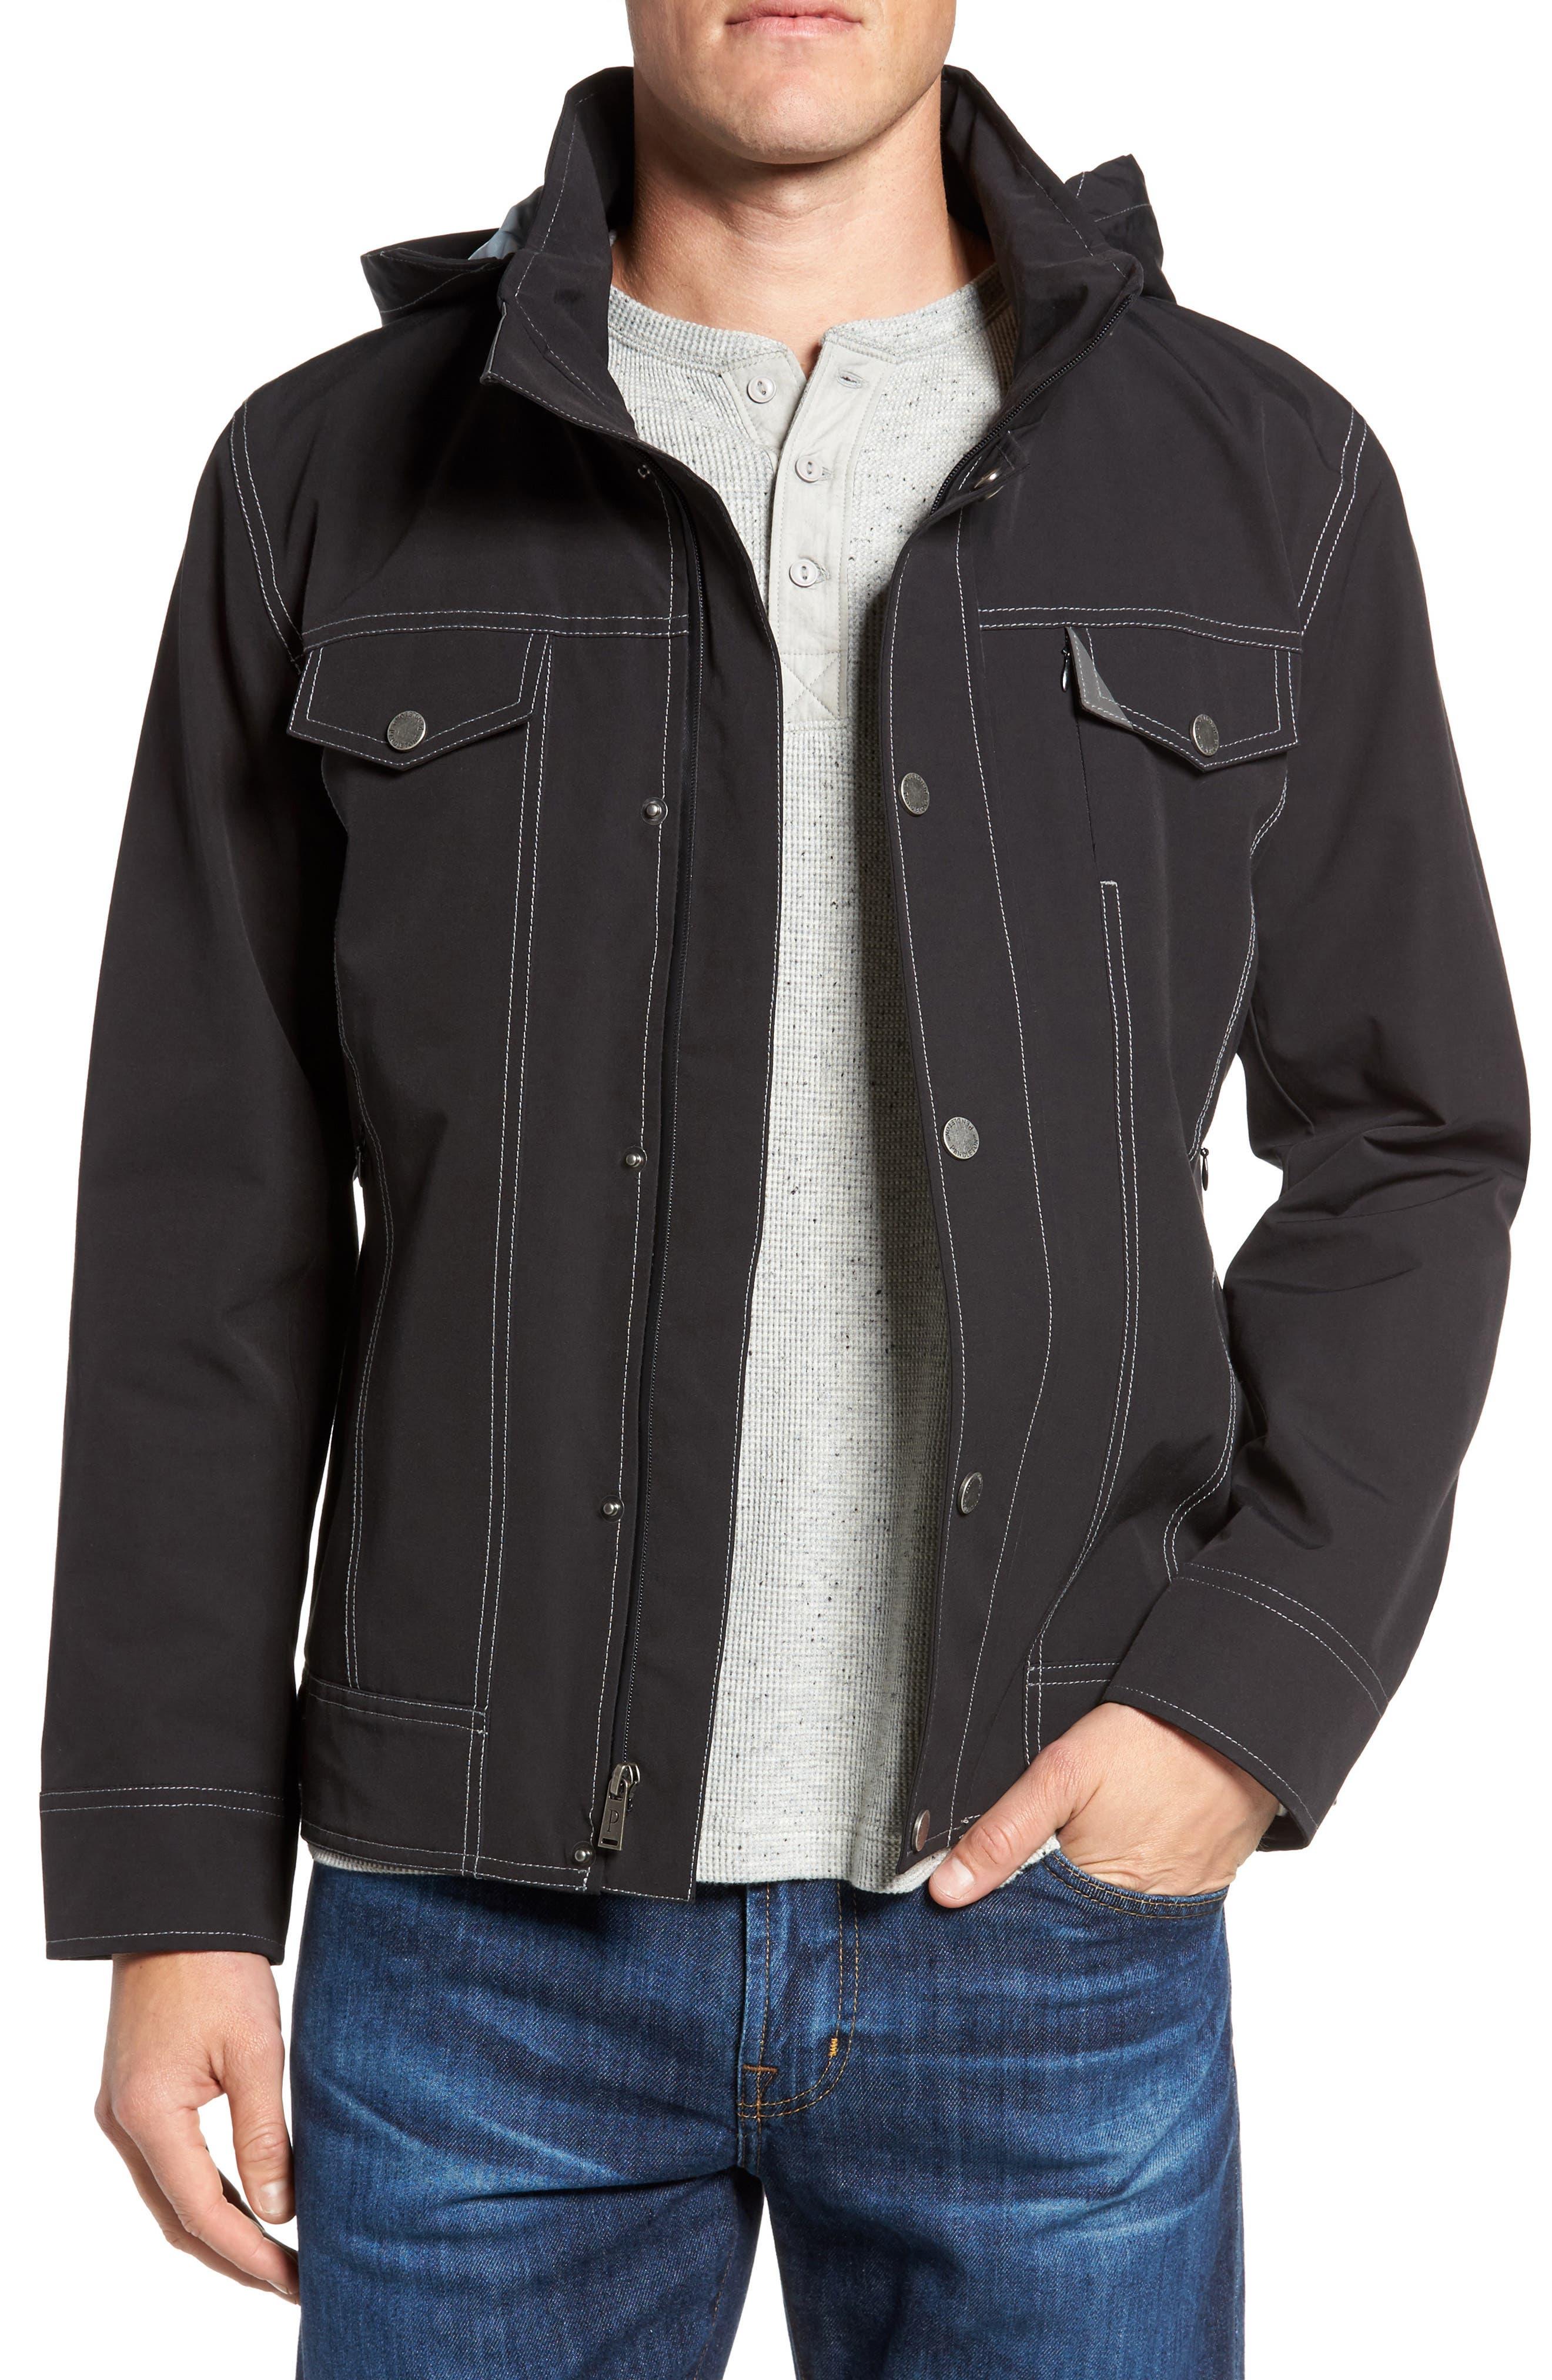 Forks Waterproof Jacket,                         Main,                         color, 001